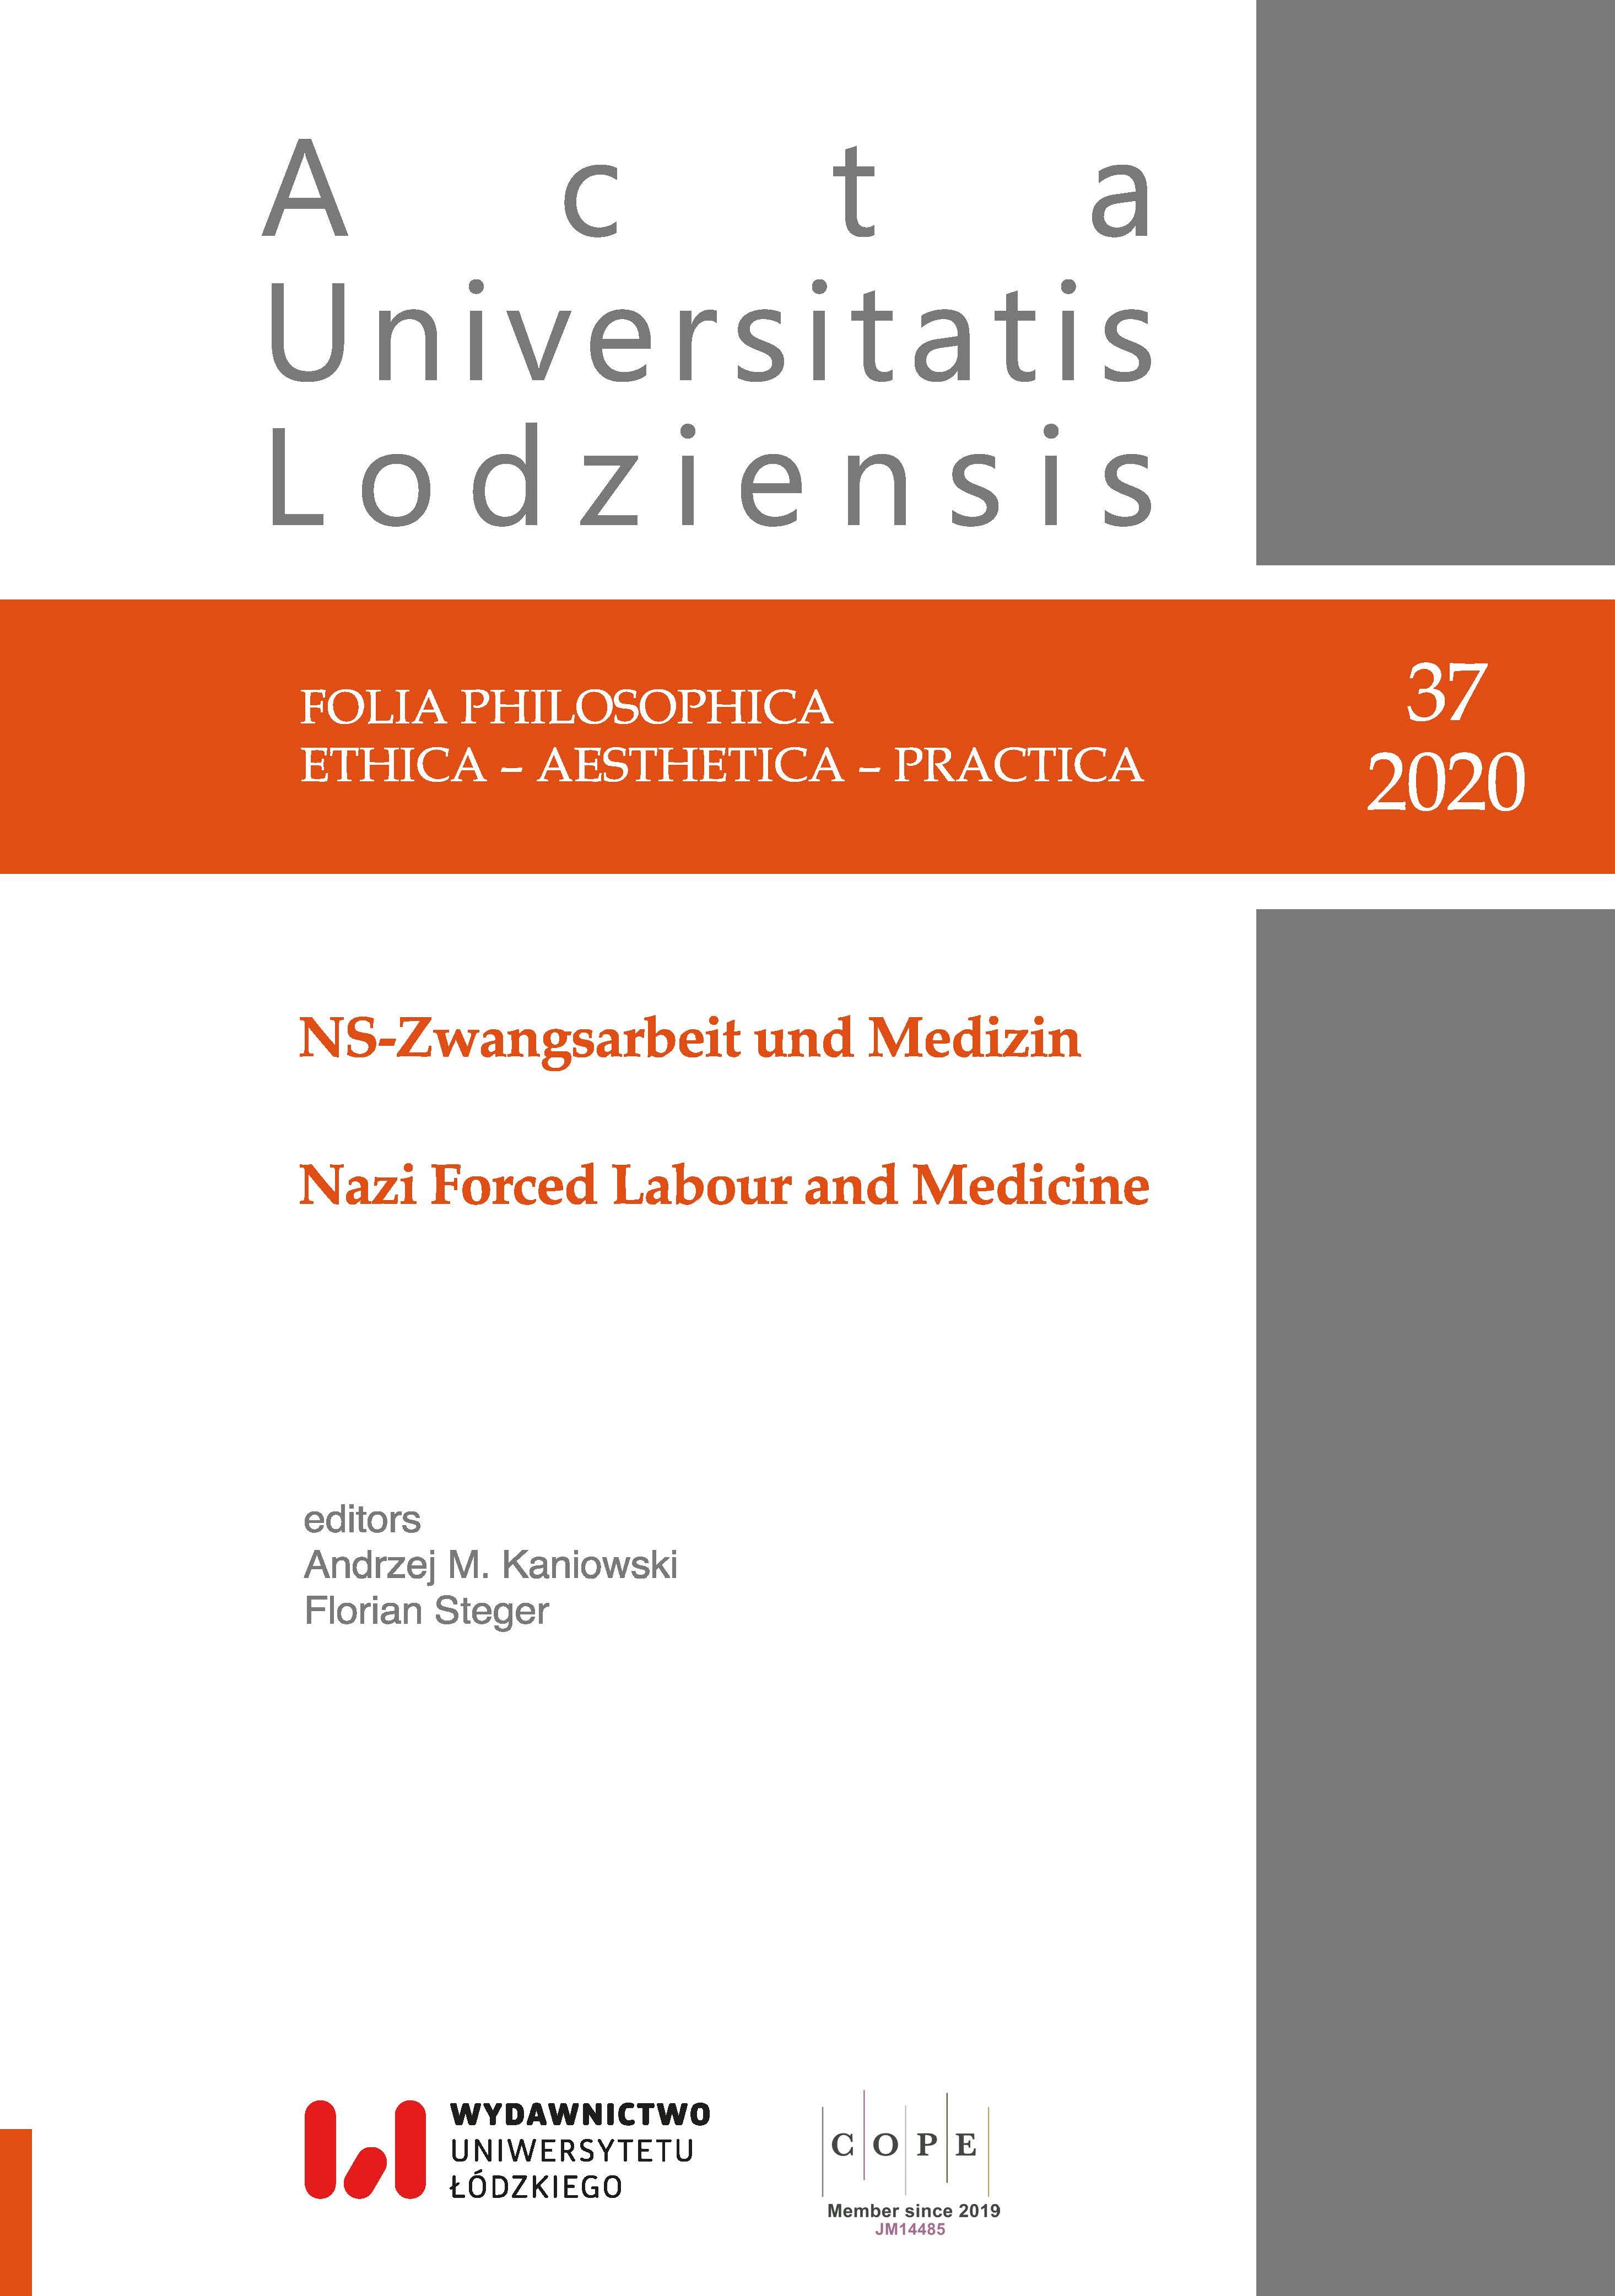 Wyświetl Nr 37 (2020): NS-Zwangsarbeit und Medizin / Nazi Forced Labour and Medicine